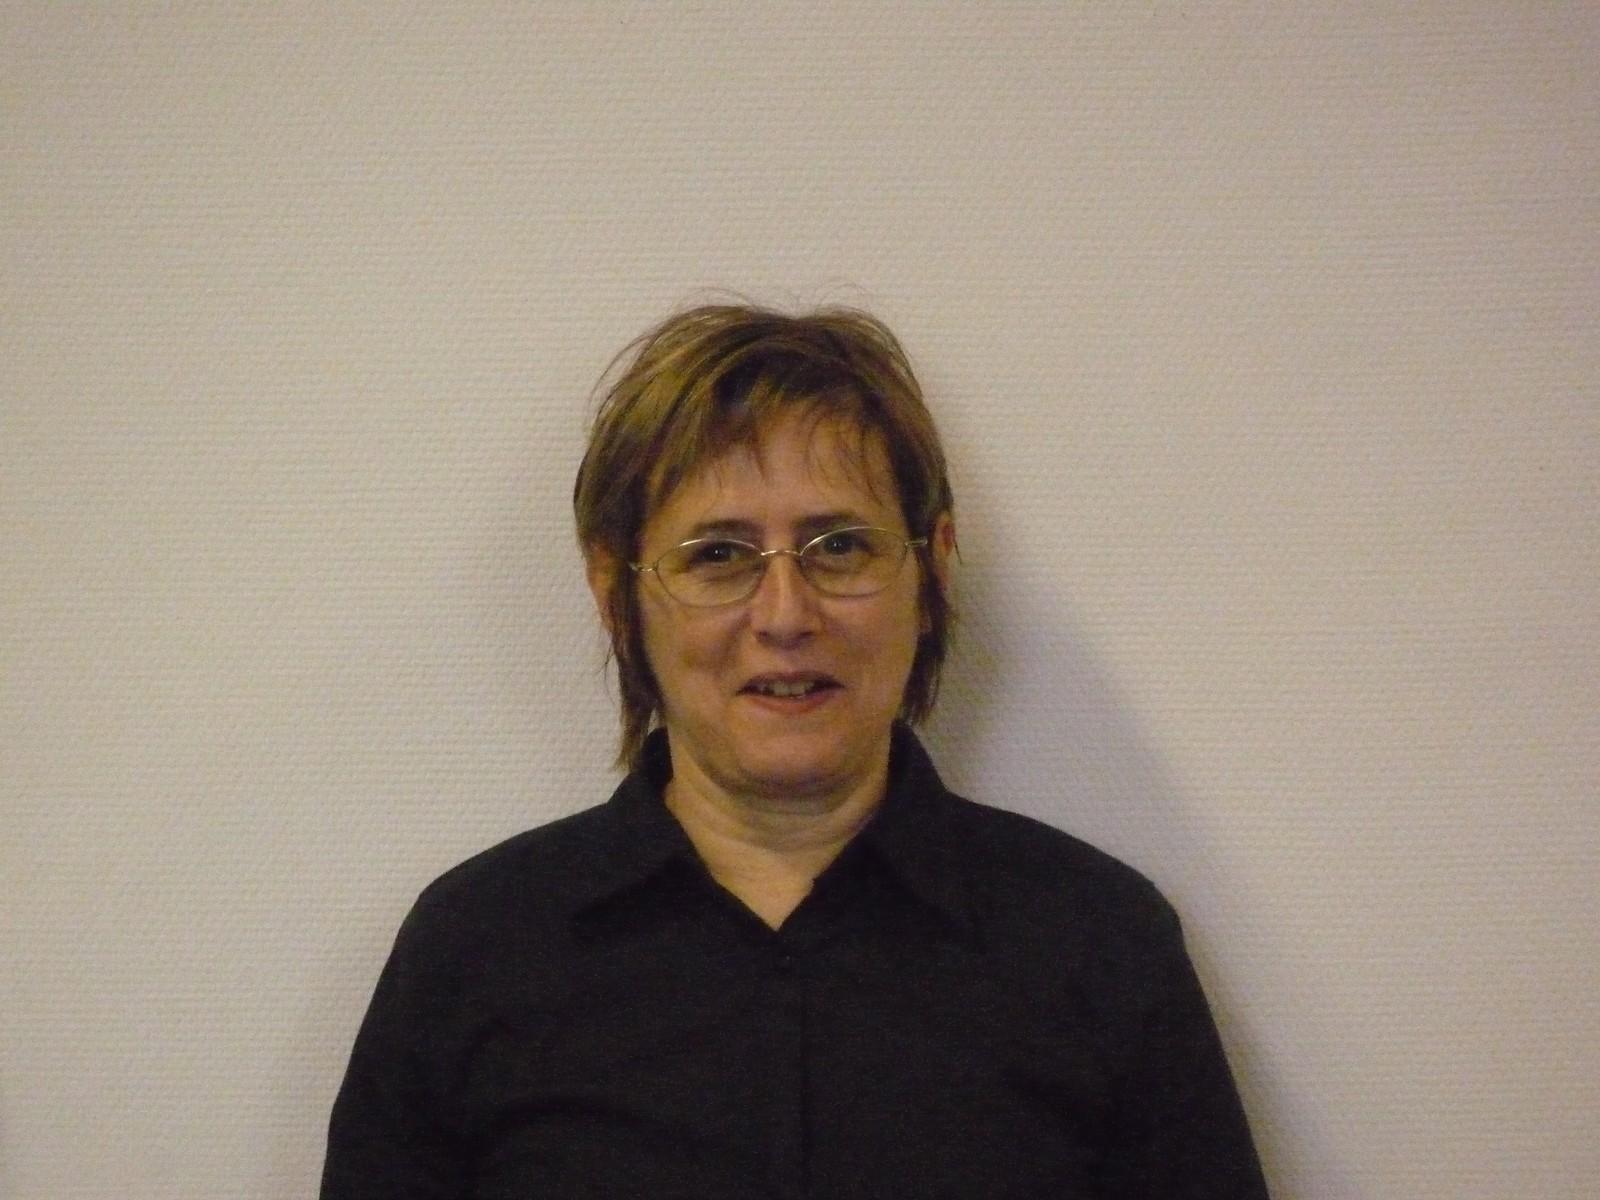 Dominique Royer